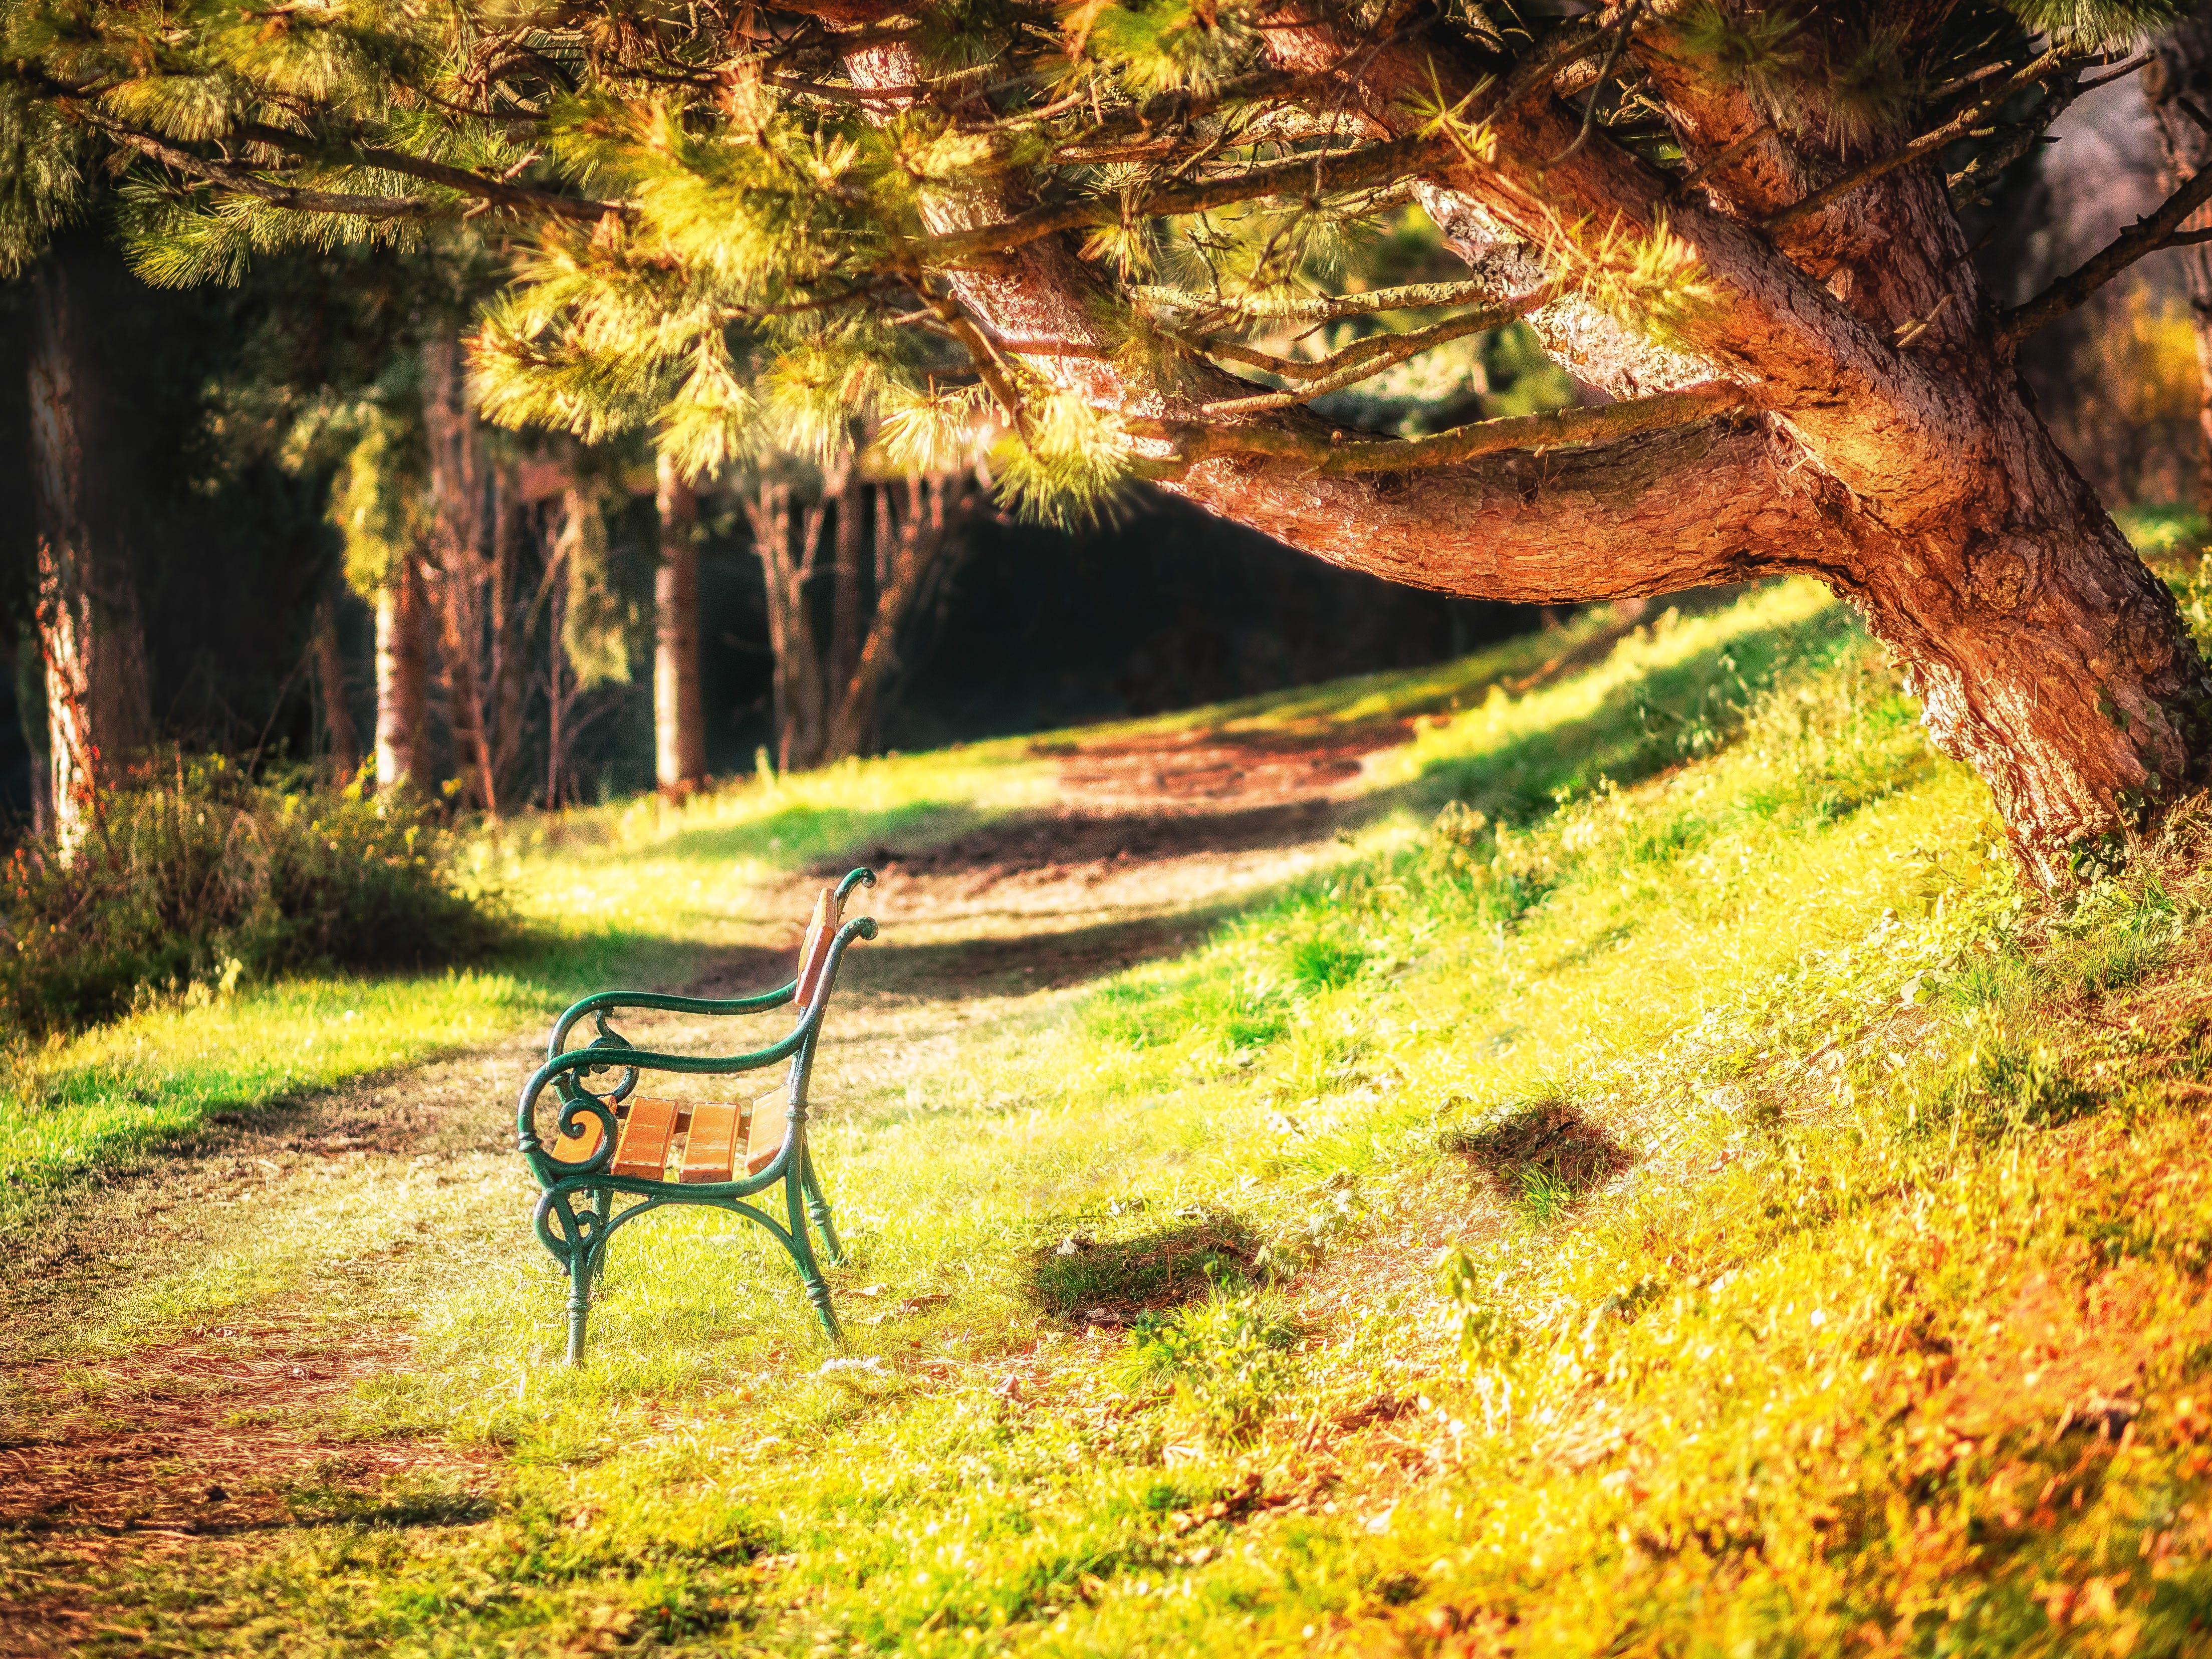 休息, 夏天, 天性, 奧地利 的 免费素材照片